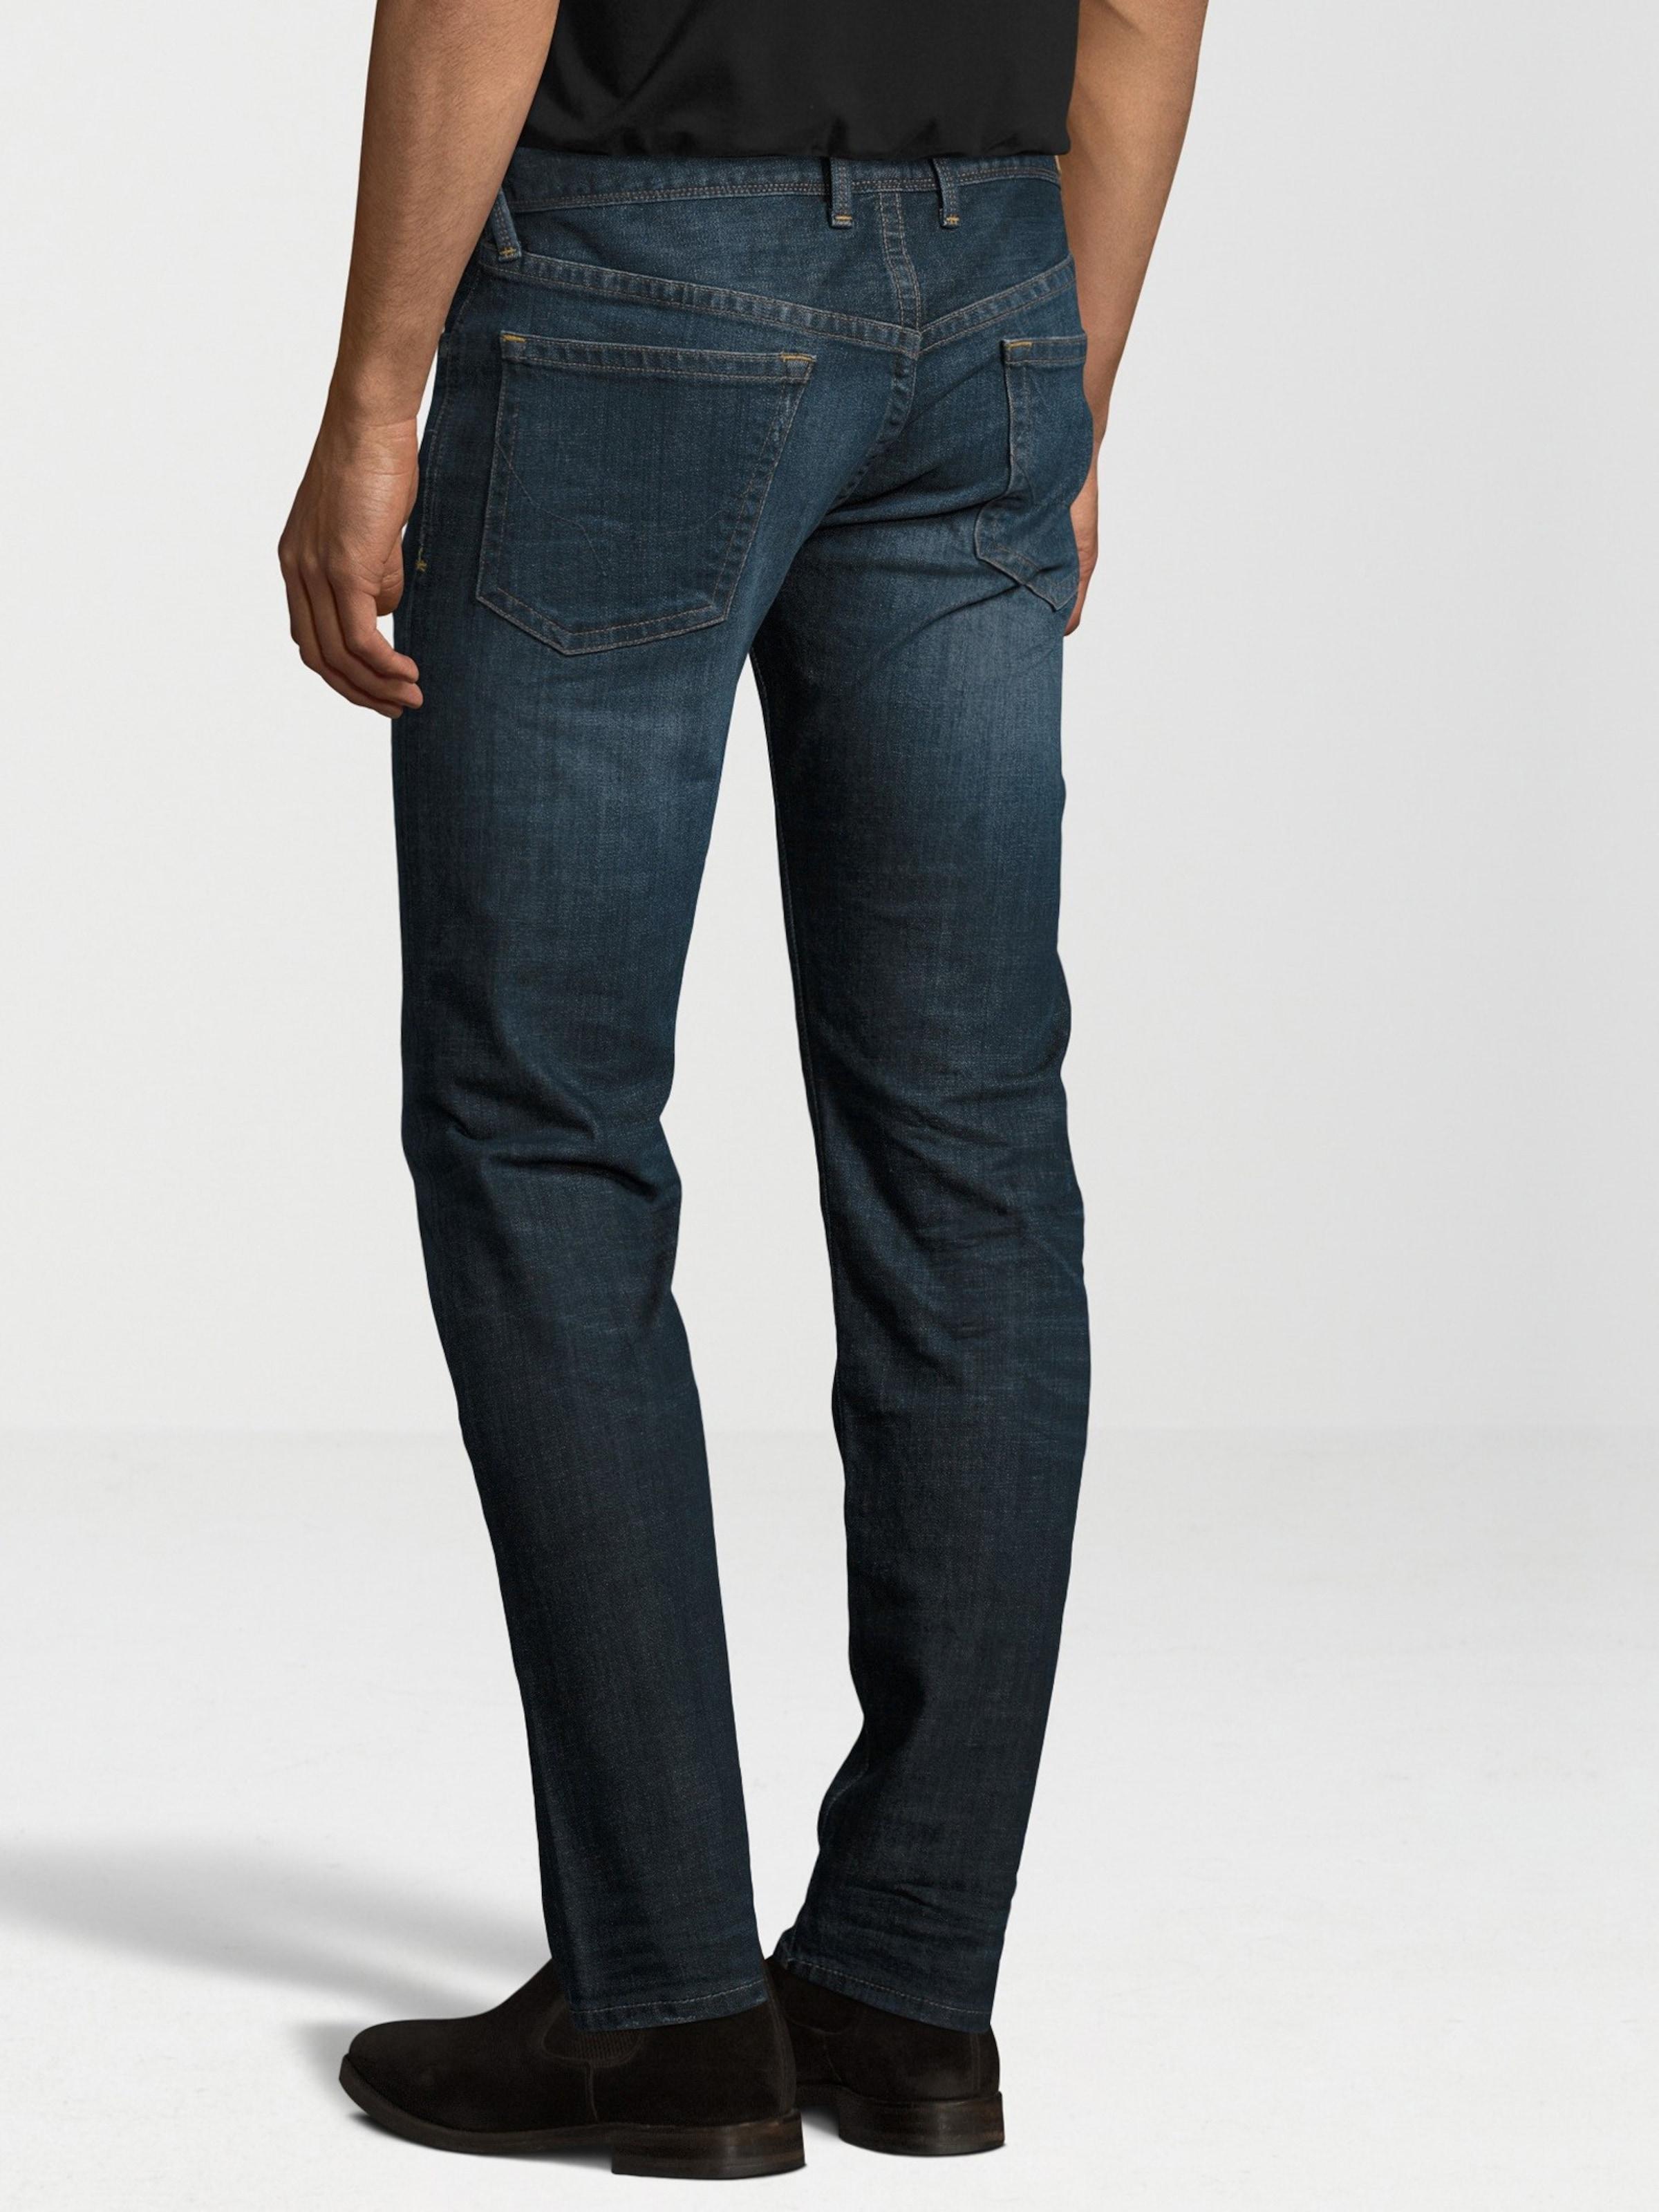 Kosten Günstiger Preis Pepe Jeans Jeans 'HATCH' Freiheit Genießen 100% Original Online-Verkauf Großhandel Auslass Bilder Nqe6r